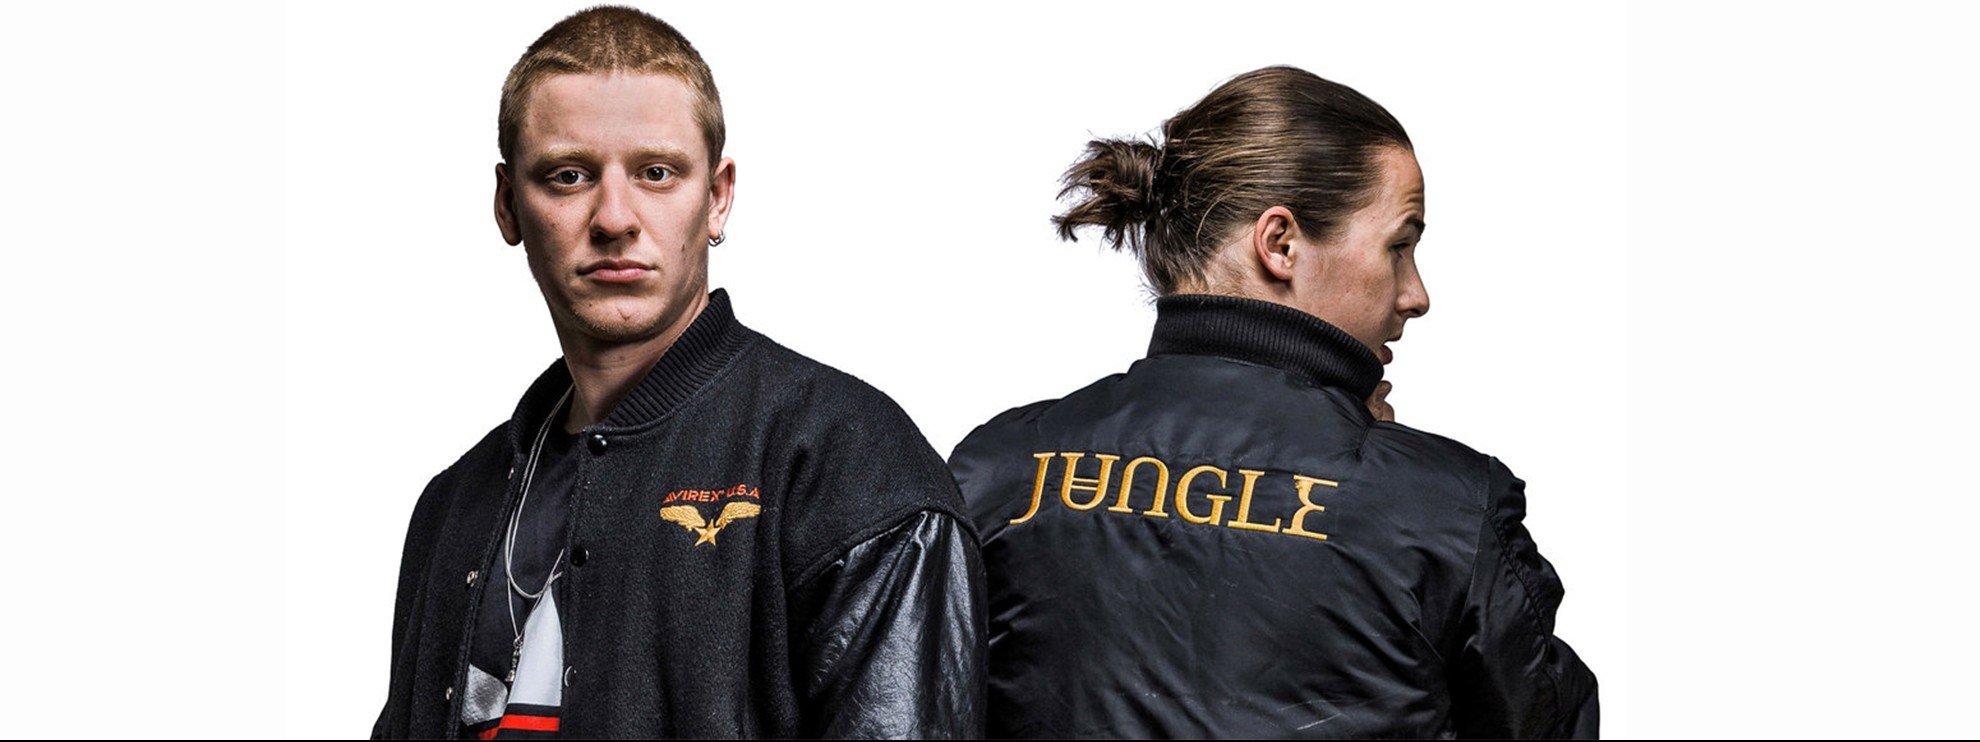 исполнитель Jungle